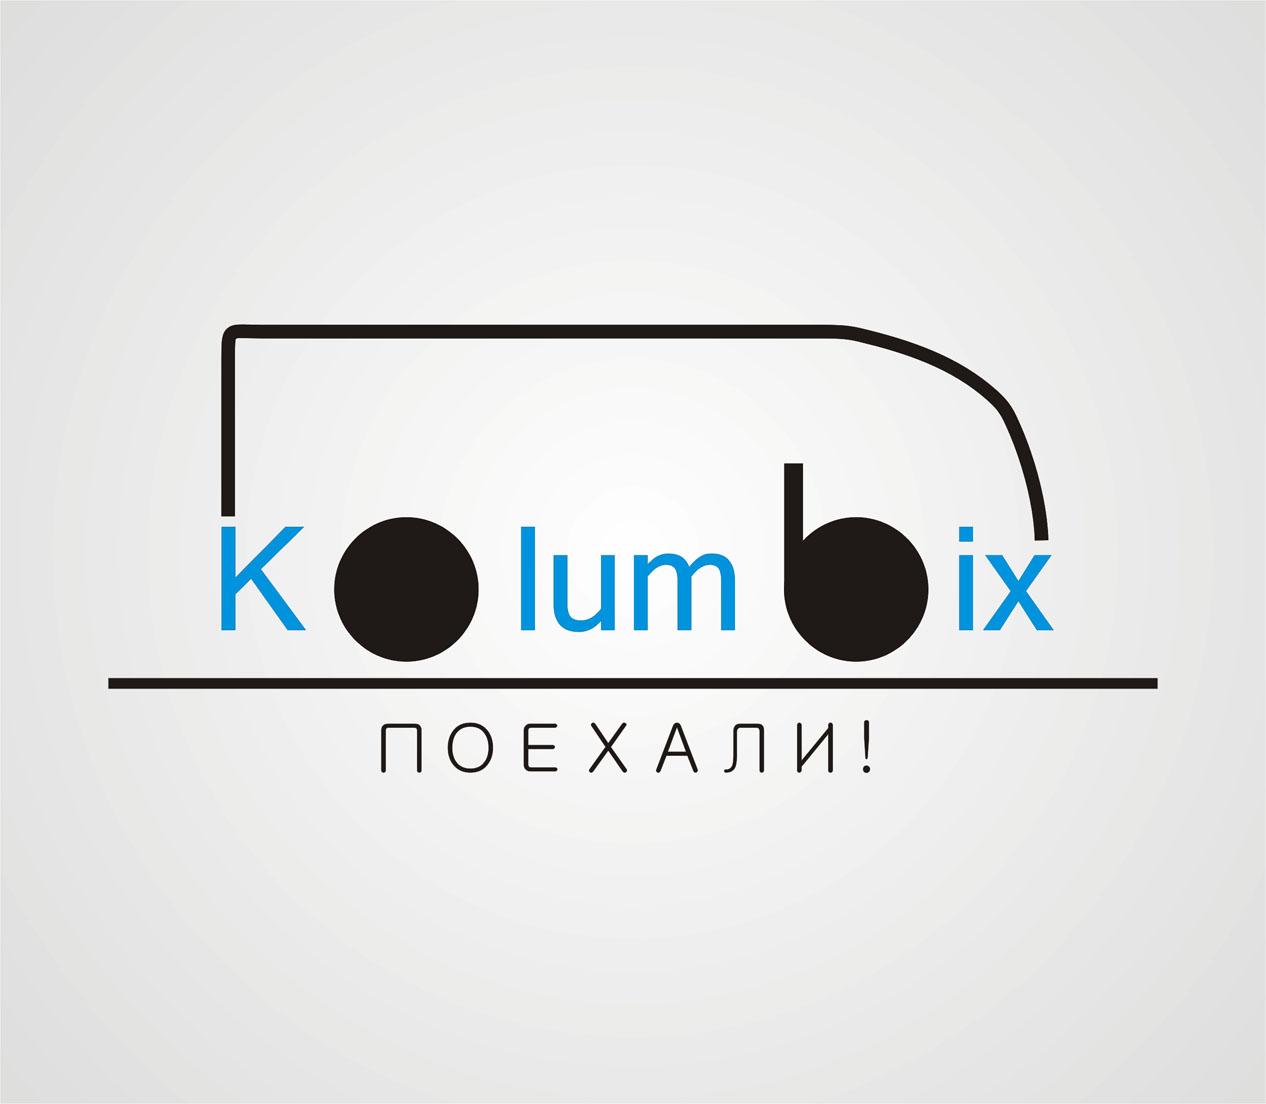 Создание логотипа для туристической фирмы Kolumbix фото f_4fb3b27ad81a6.jpg